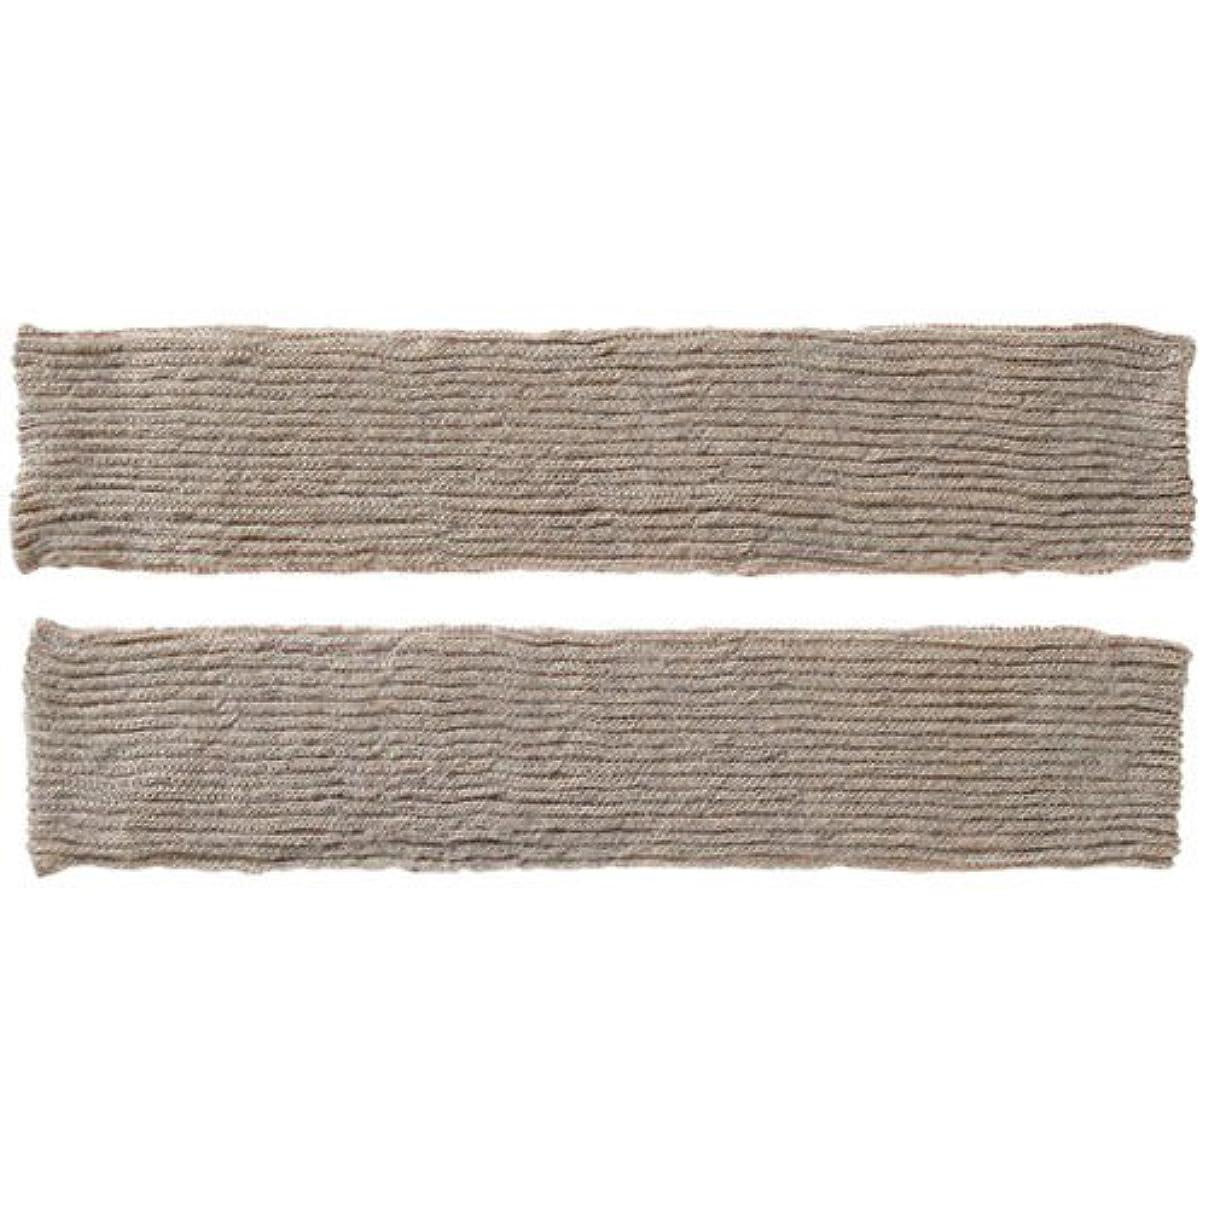 もの戸棚ベストコクーンフィット 伸びる2重編みレッグウォーマー CO-0694-80 ベージュ